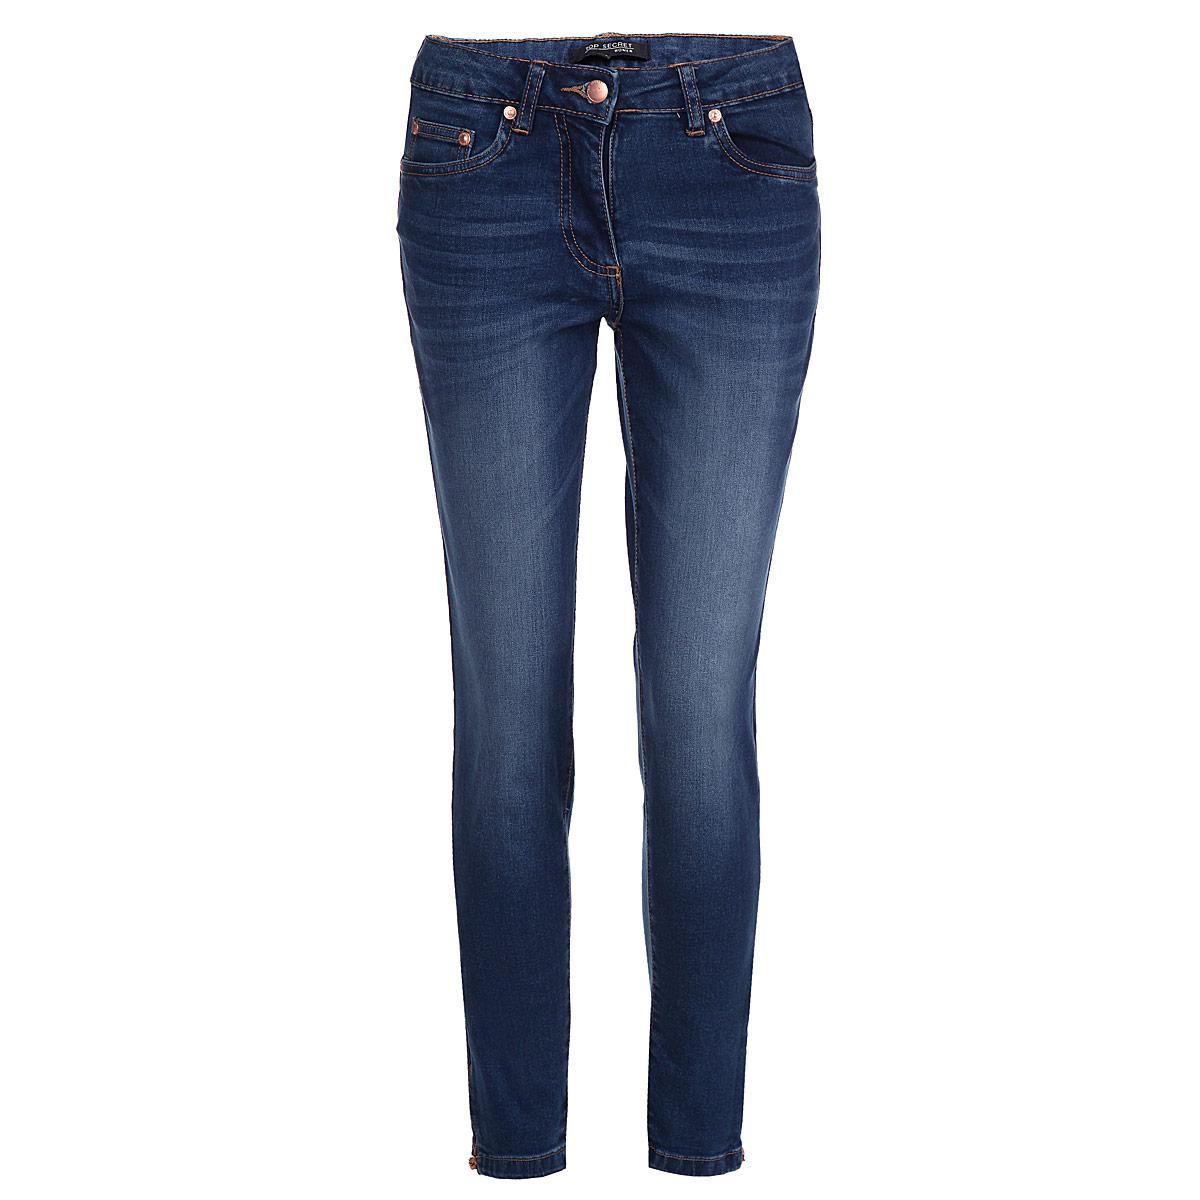 Джинсы женские. SSP2016NISSP2016NIСтильные женские джинсы Top Secret выполнены из высококачественного эластичного хлопка. Модель прямого кроя и классической посадки станет отличным дополнением к вашему современному образу. Джинсы застегиваются на пуговицу в поясе и ширинку на застежке-молнии, имеются шлевки для ремня. Джинсы имеют классический пятикарманный крой: спереди модель оформлены двумя втачными карманами и одним маленьким накладным кармашком, а сзади - двумя накладными карманами. Штанины оформлены декоративными молниями снизу. Эти модные и в тоже время комфортные джинсы послужат отличным дополнением к вашему гардеробу.